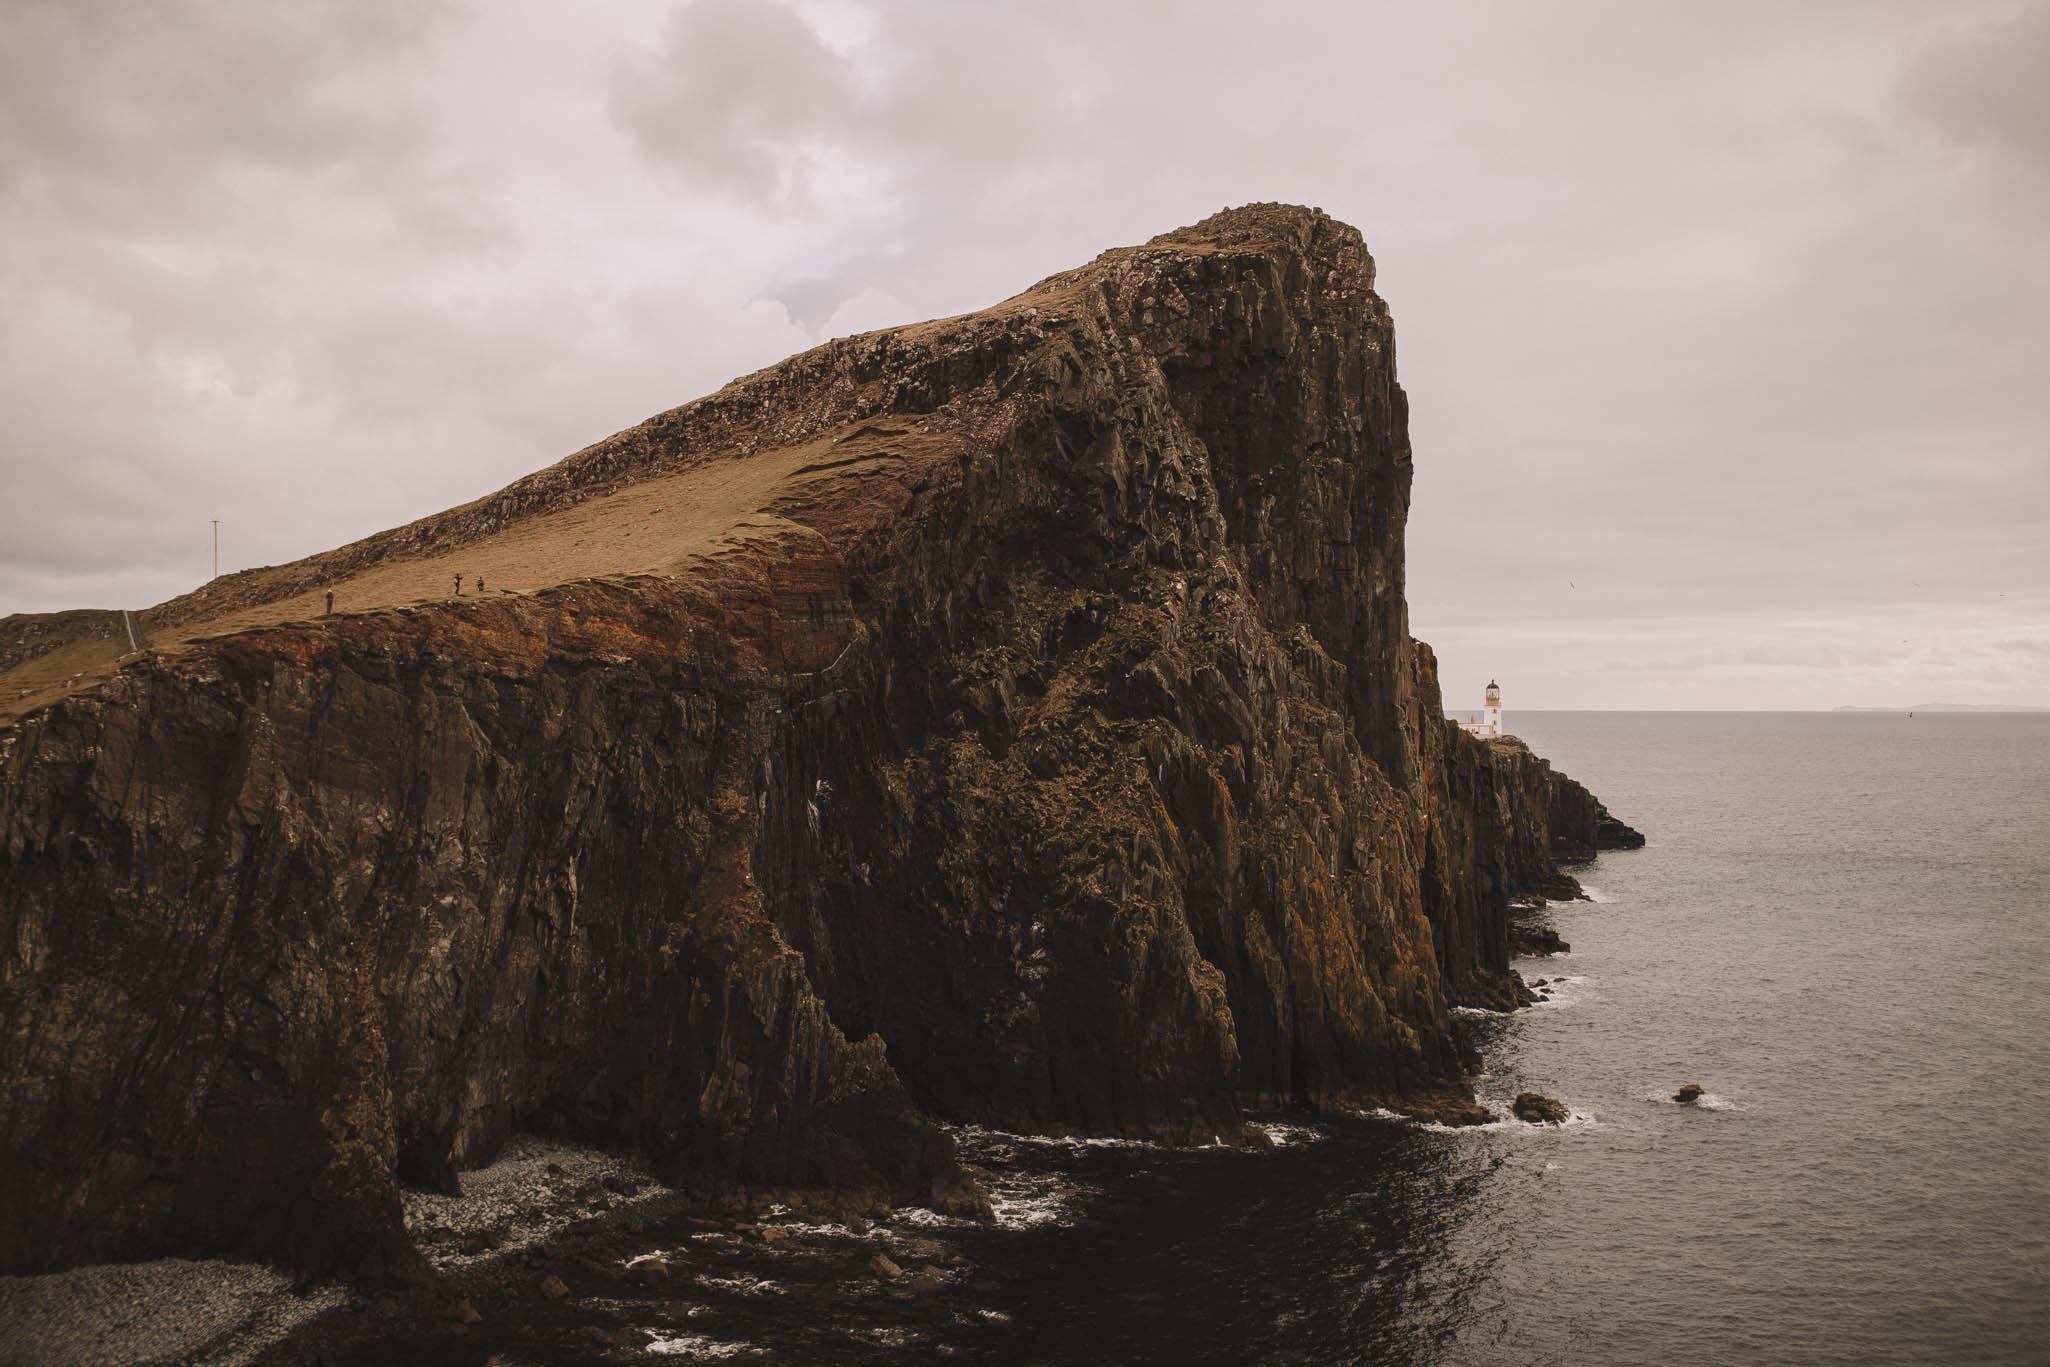 Scotland-wedding-photographer-jeremy-boyer-photographe-mariage-ecosse-voyage-road-trip-travel-63.jpg